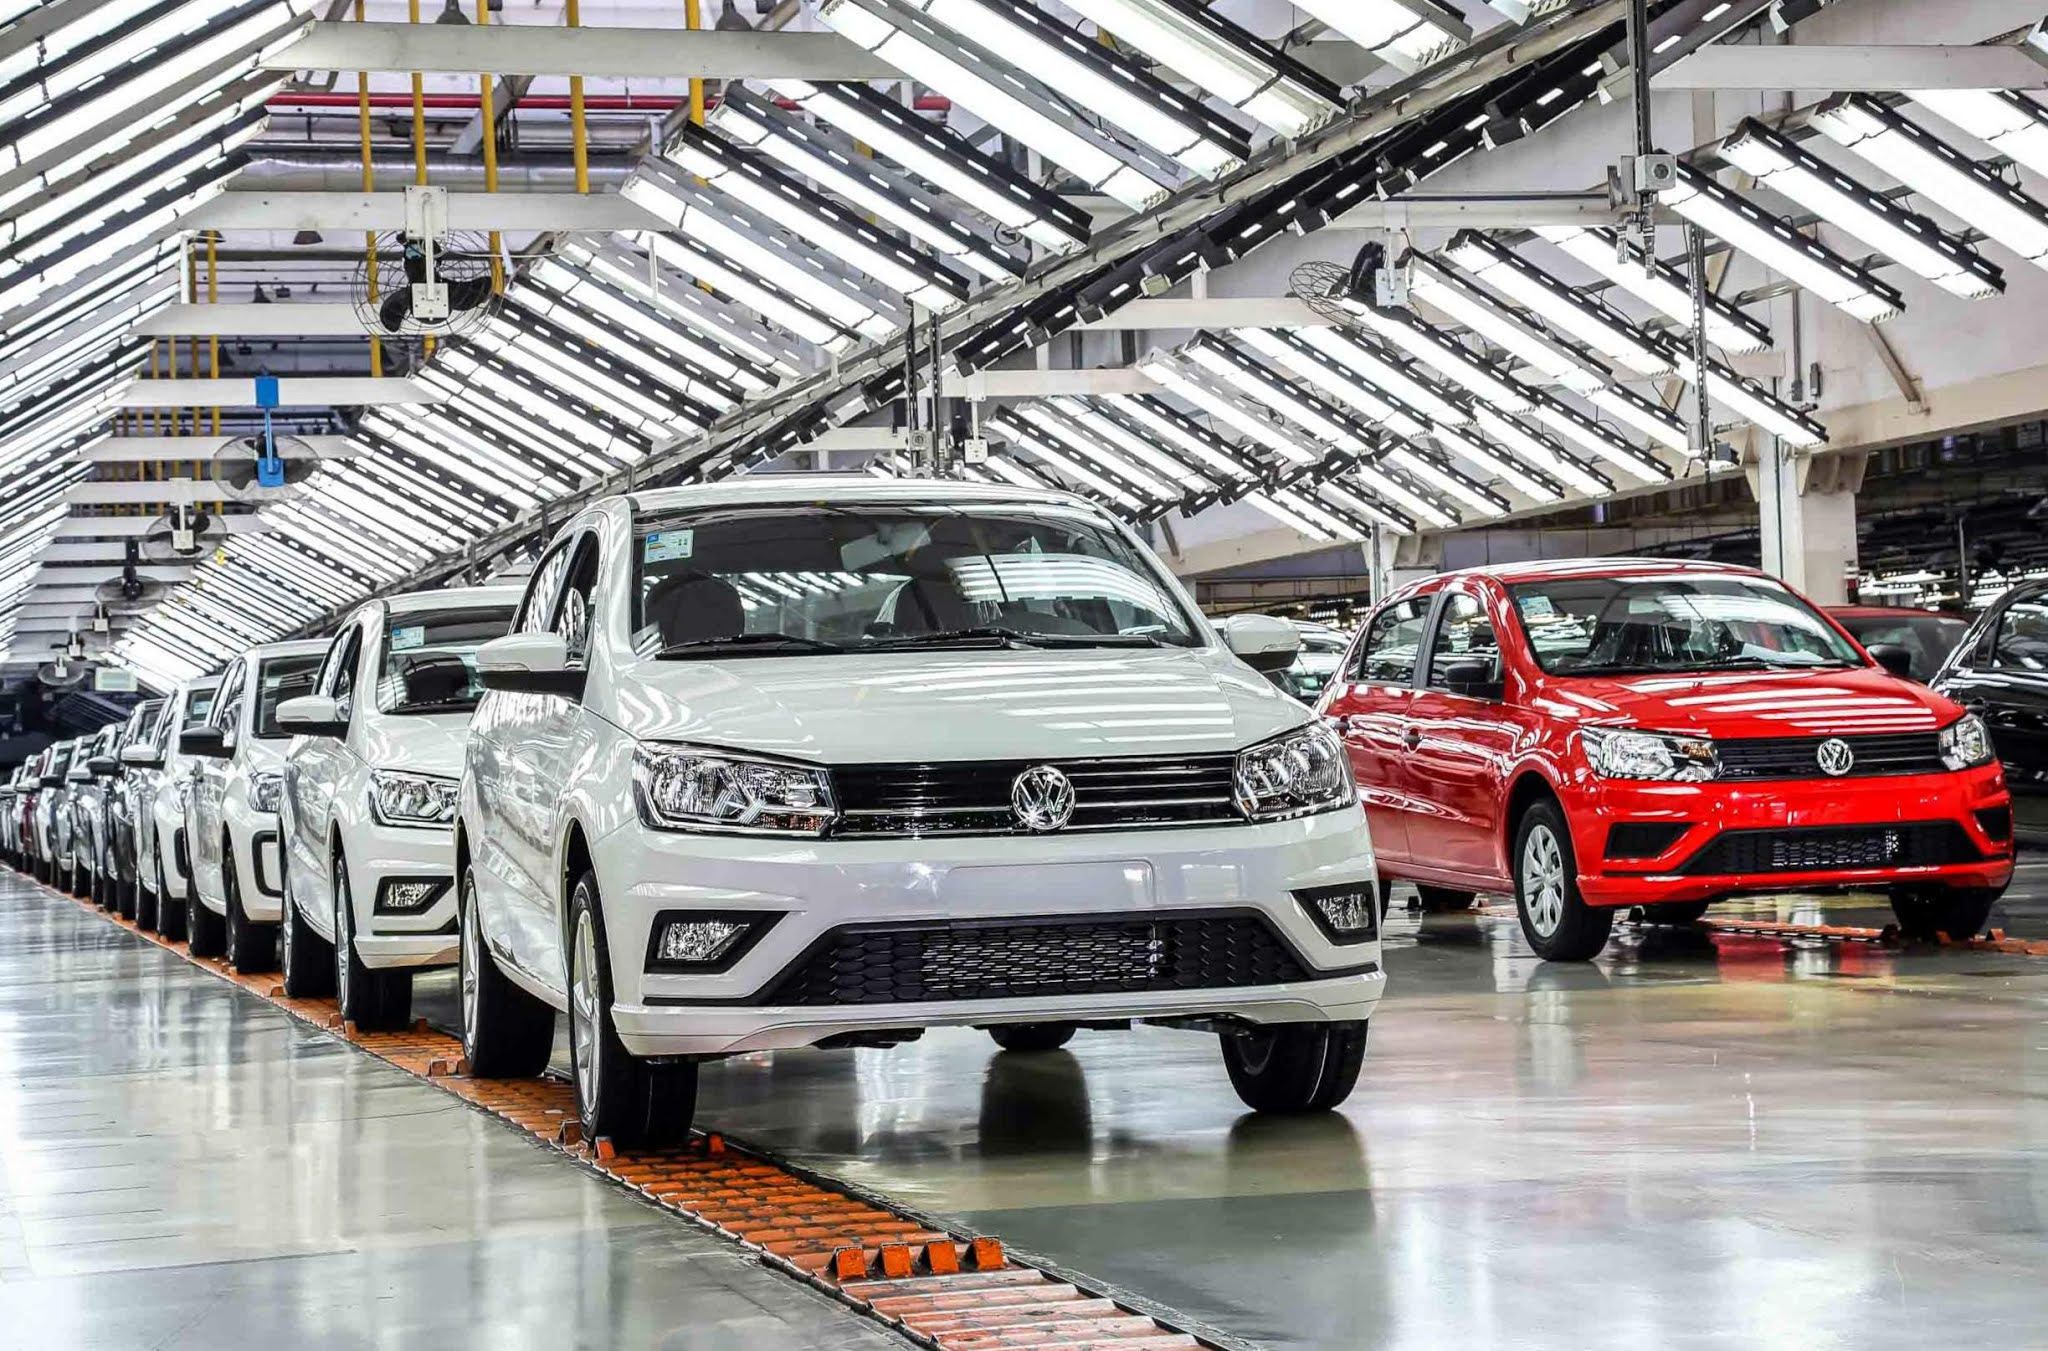 VW prorroga férias coletivas dos funcionários da fábrica do Gol e Voyage